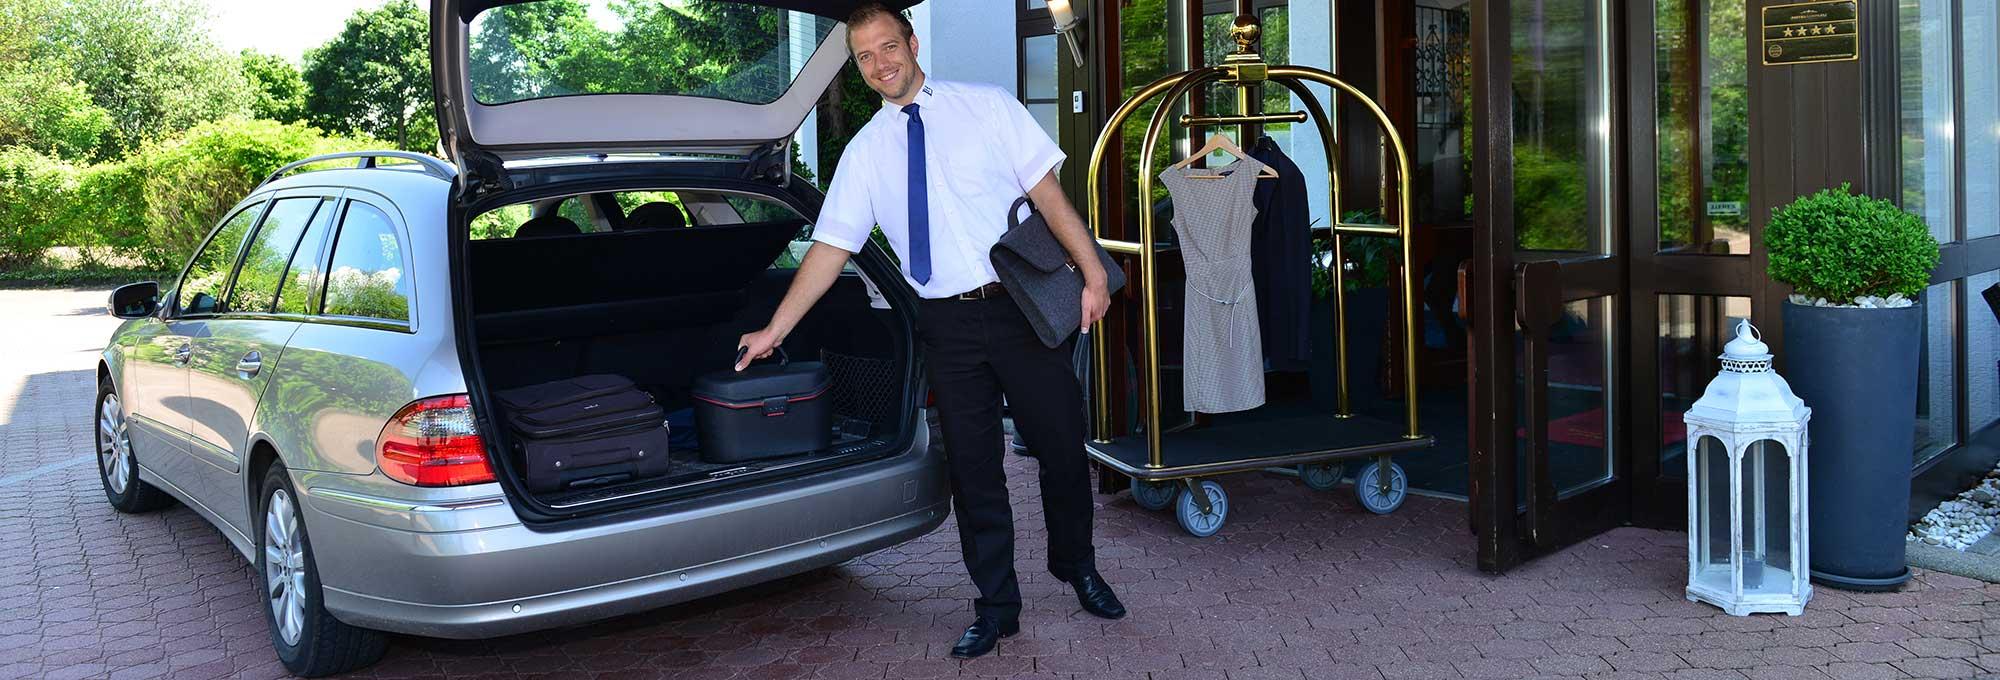 Kostenloser Hotel Shuttle Service